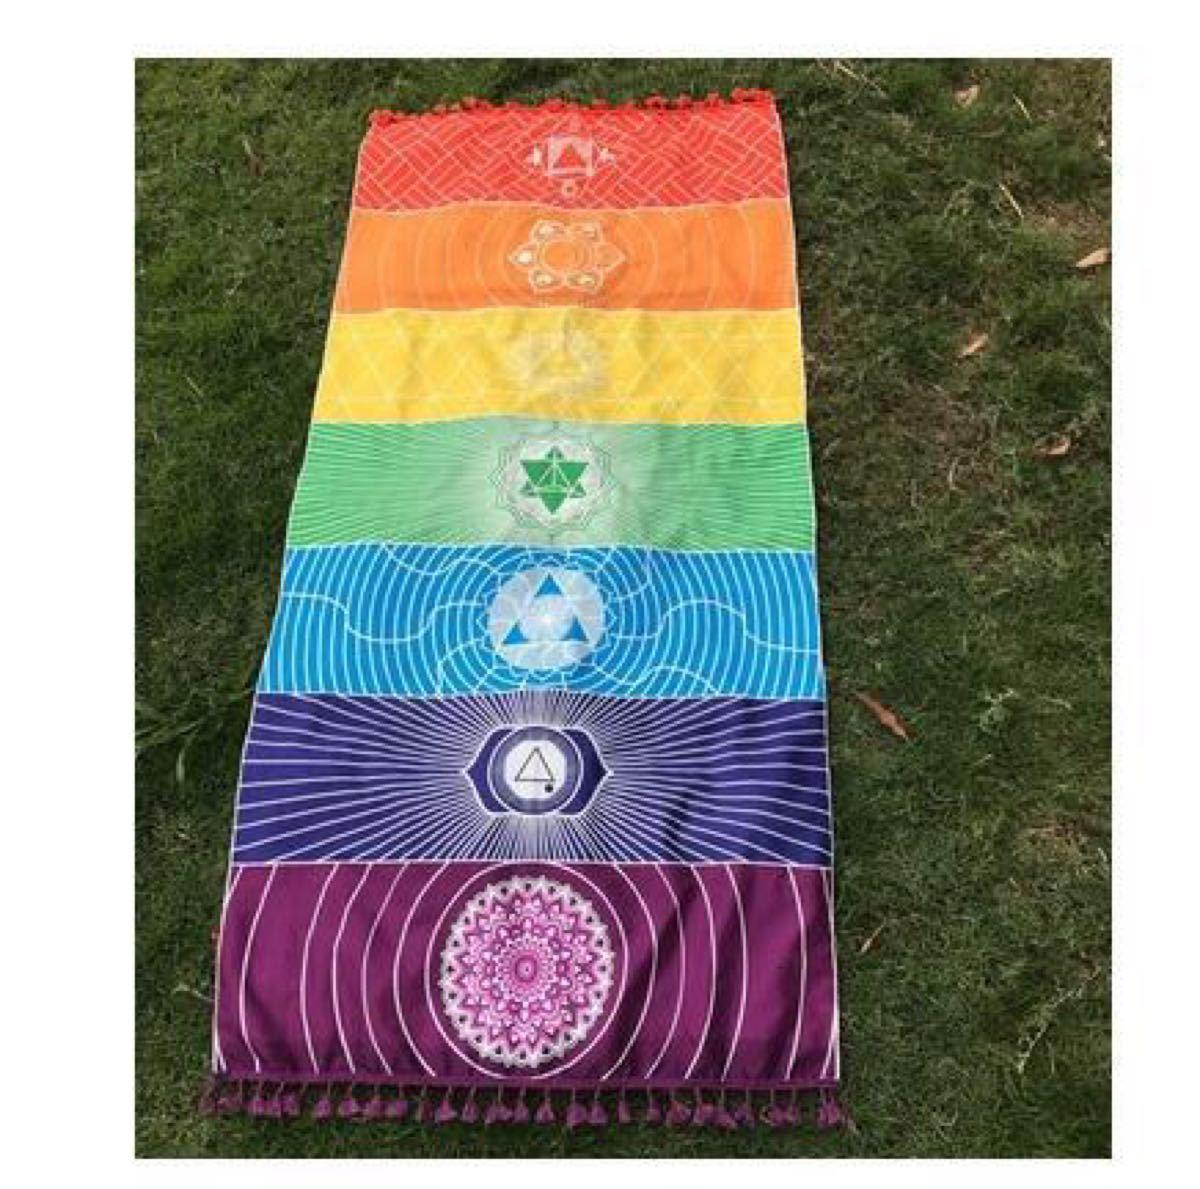 ヨガマット 布 ビーチマット チャクラ 瞑想マット ピクニック シート 占い